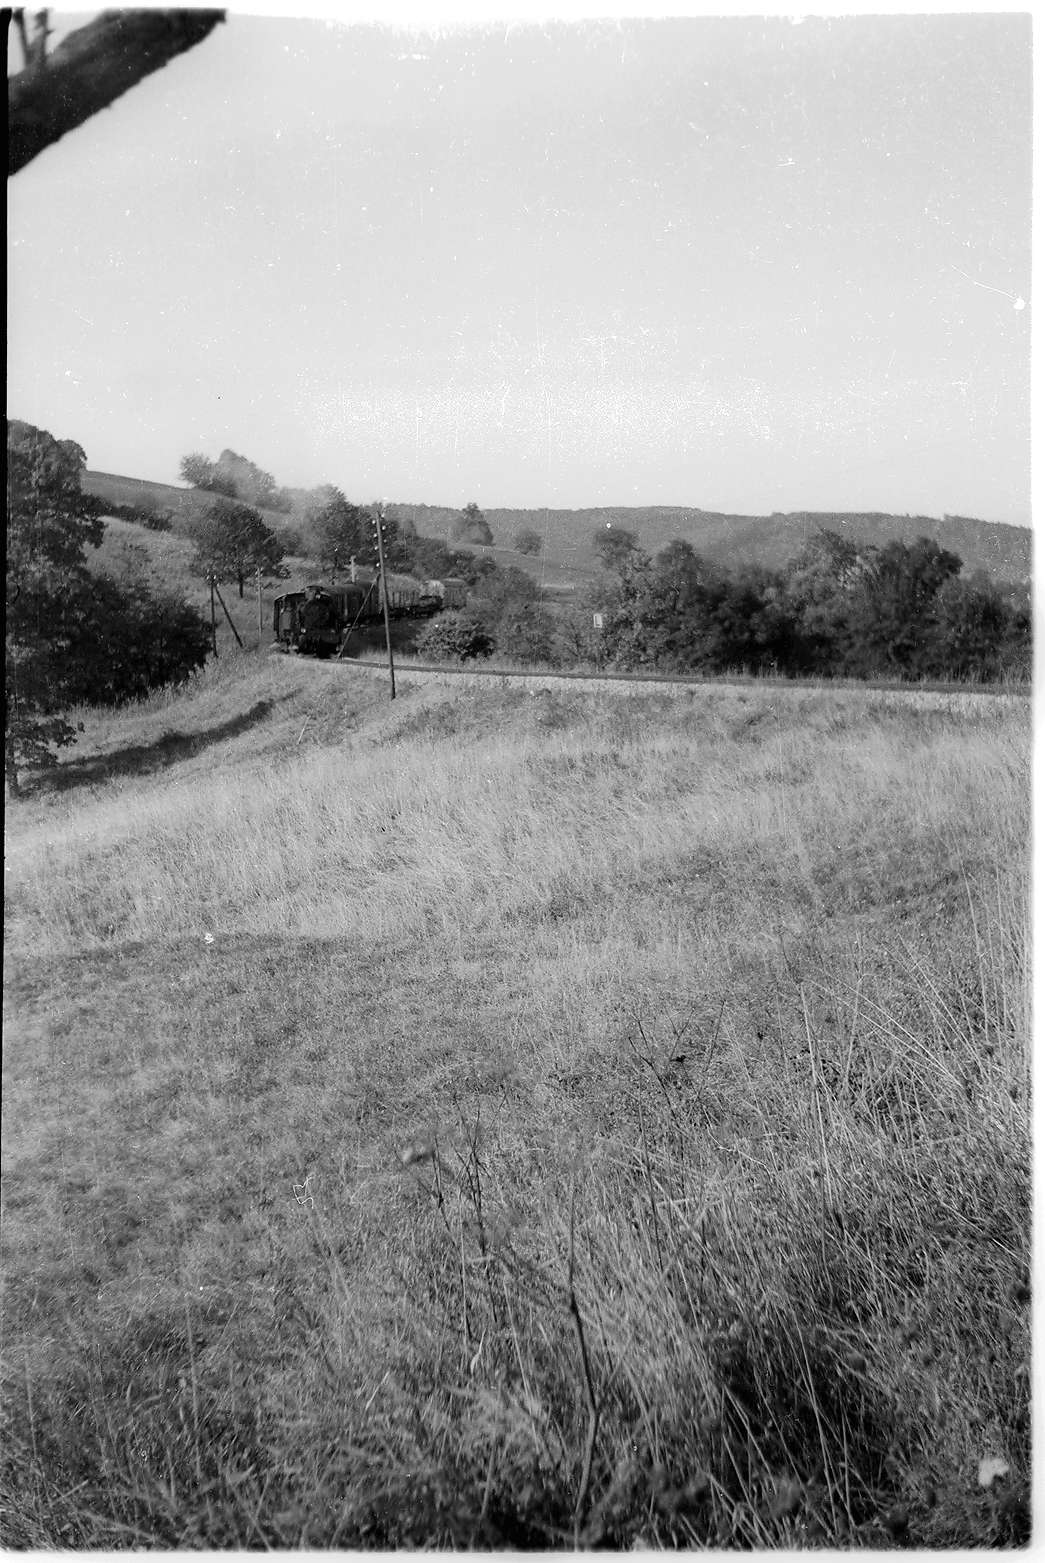 Strecke Jungingen - Killer, 2009 befinden sich hier eine Kläranlage und zahlreiche Büsche, Bild 1